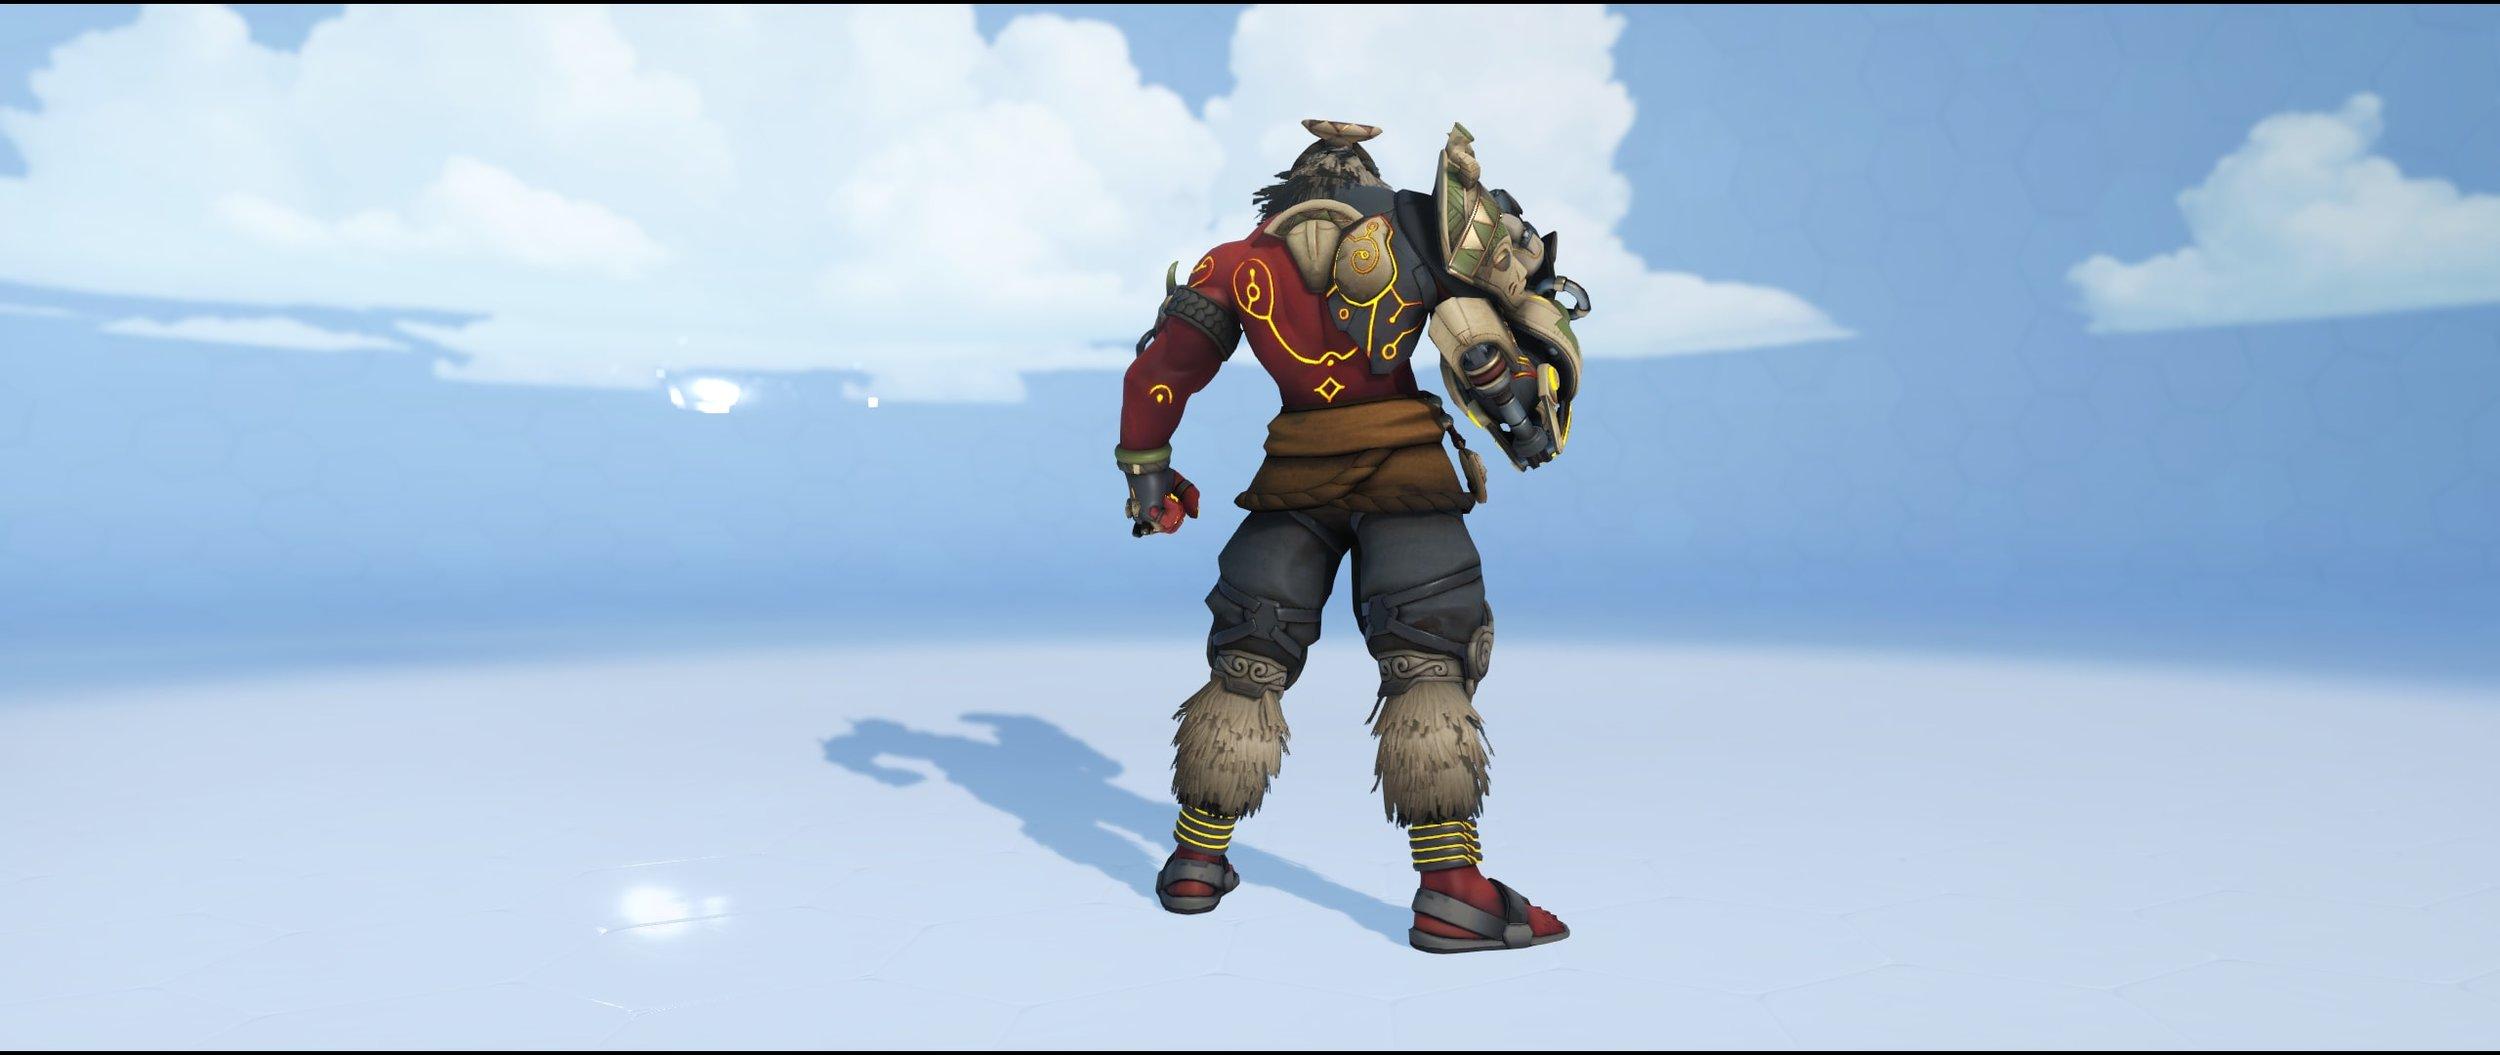 Avatar back legendary skin Doomfist Overwatch.jpg